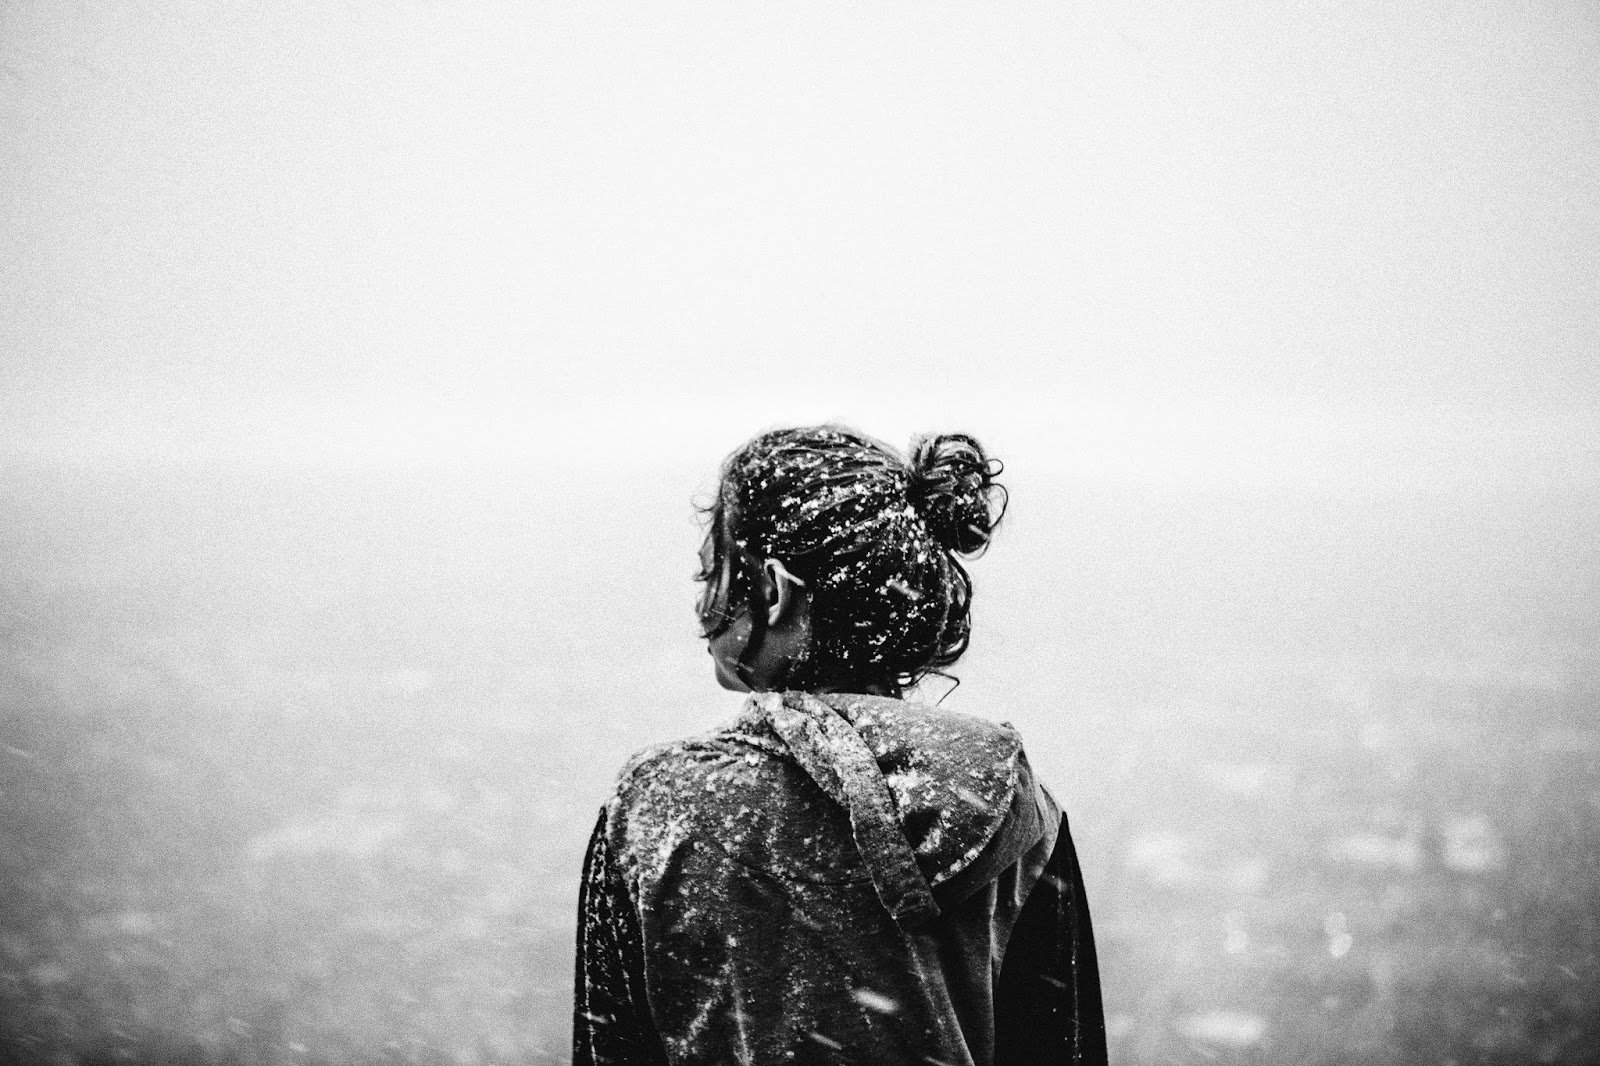 projeto fotográfico fotologia mês de junho: as pequenas coisas da vida e o frio